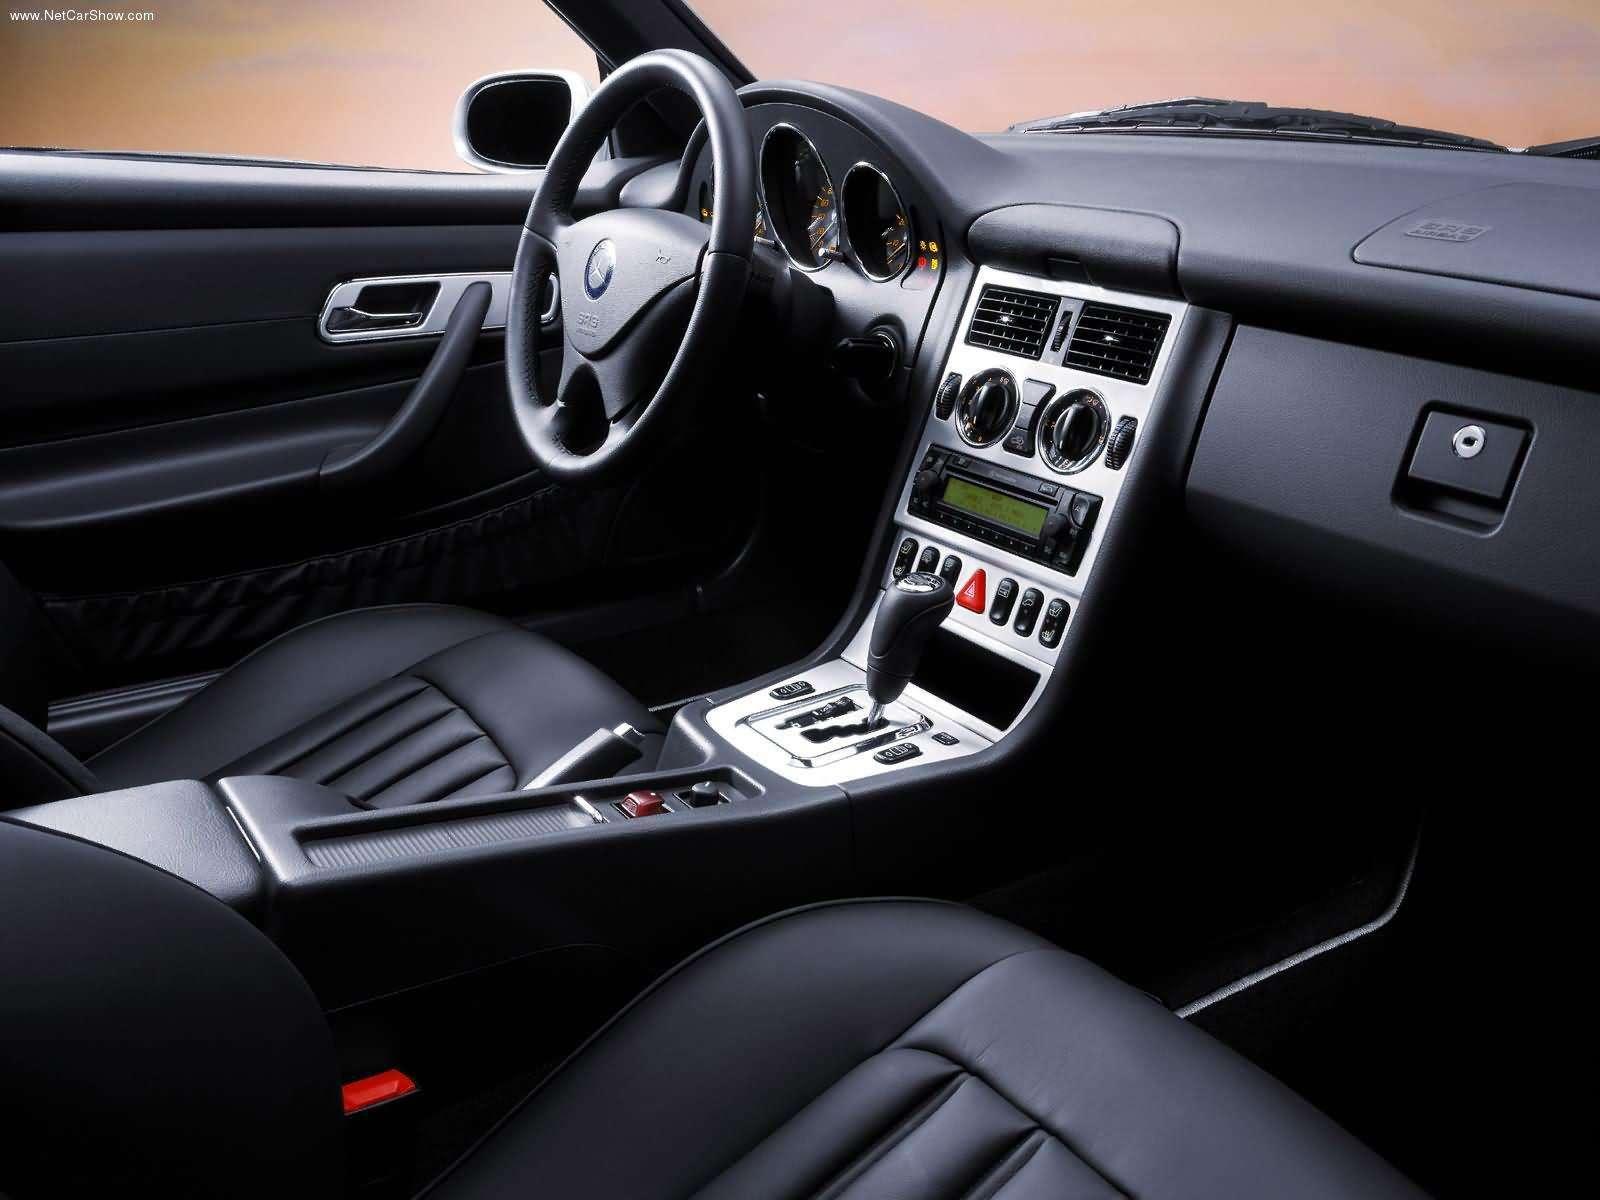 mercedes slk 200 k 163ch facelift avis auto titre. Black Bedroom Furniture Sets. Home Design Ideas